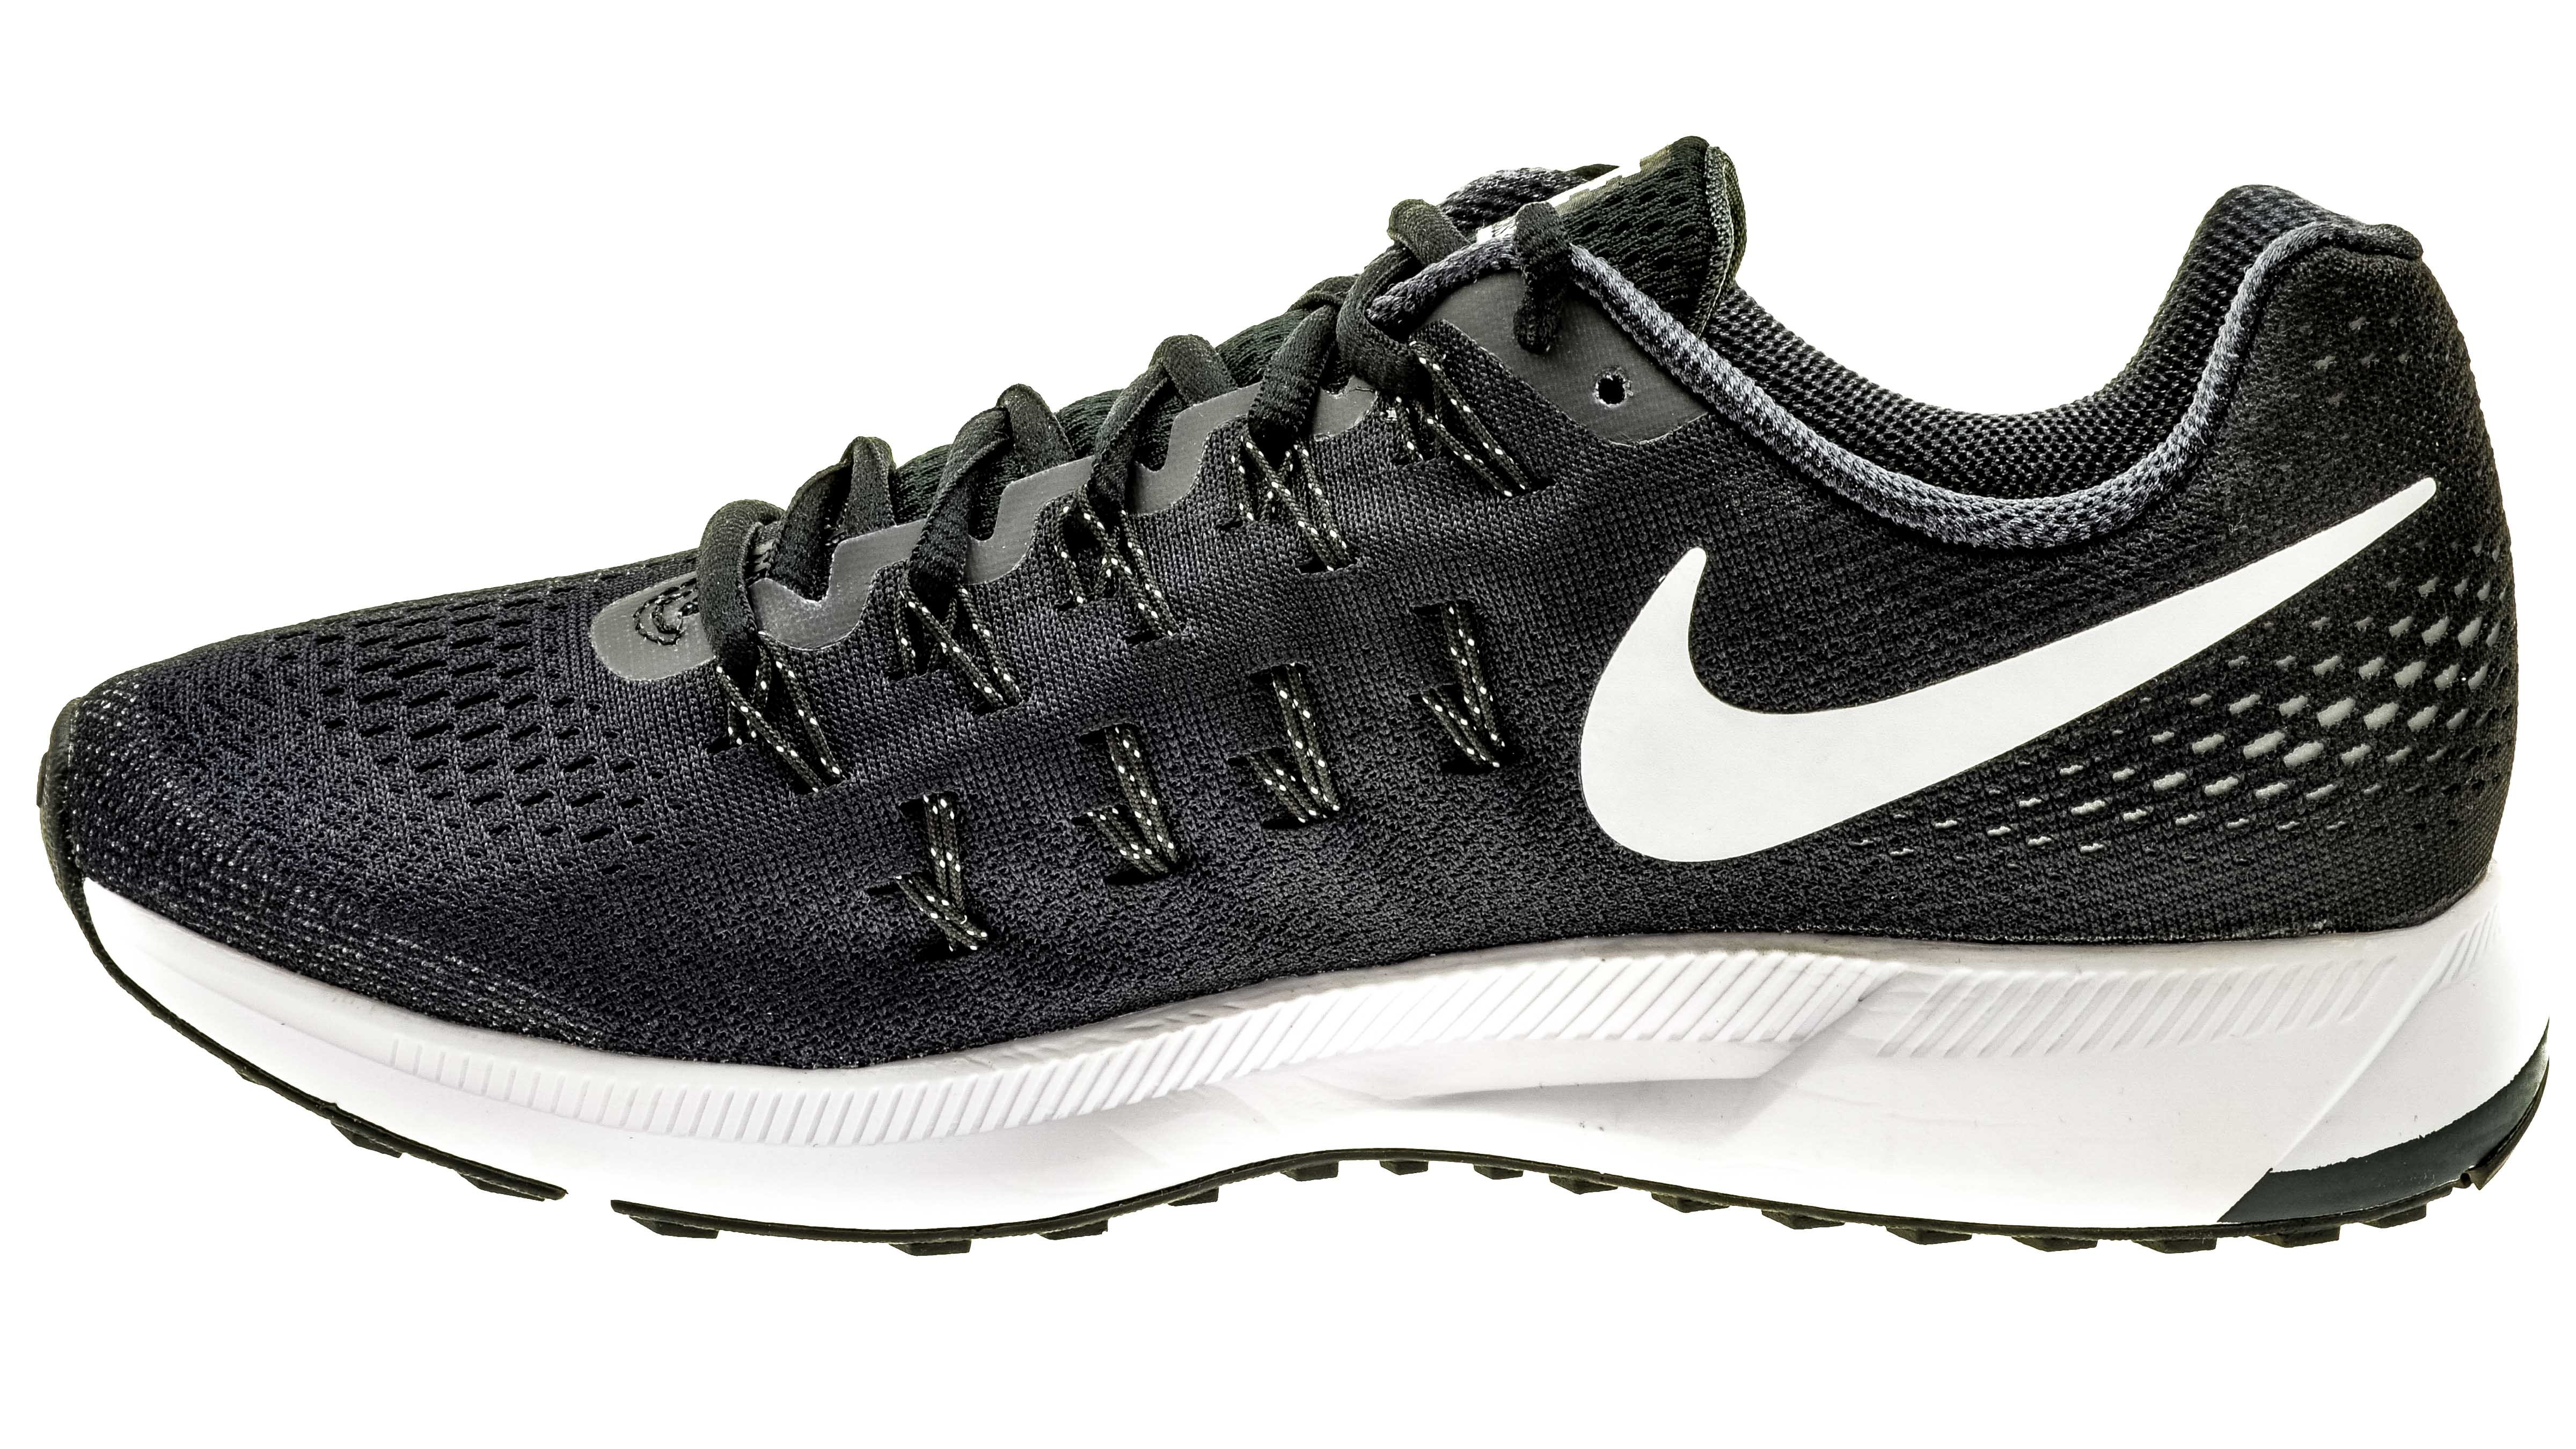 NikeAir Zoom Pegasus 33 black/cool-grey/wolf-grey/white